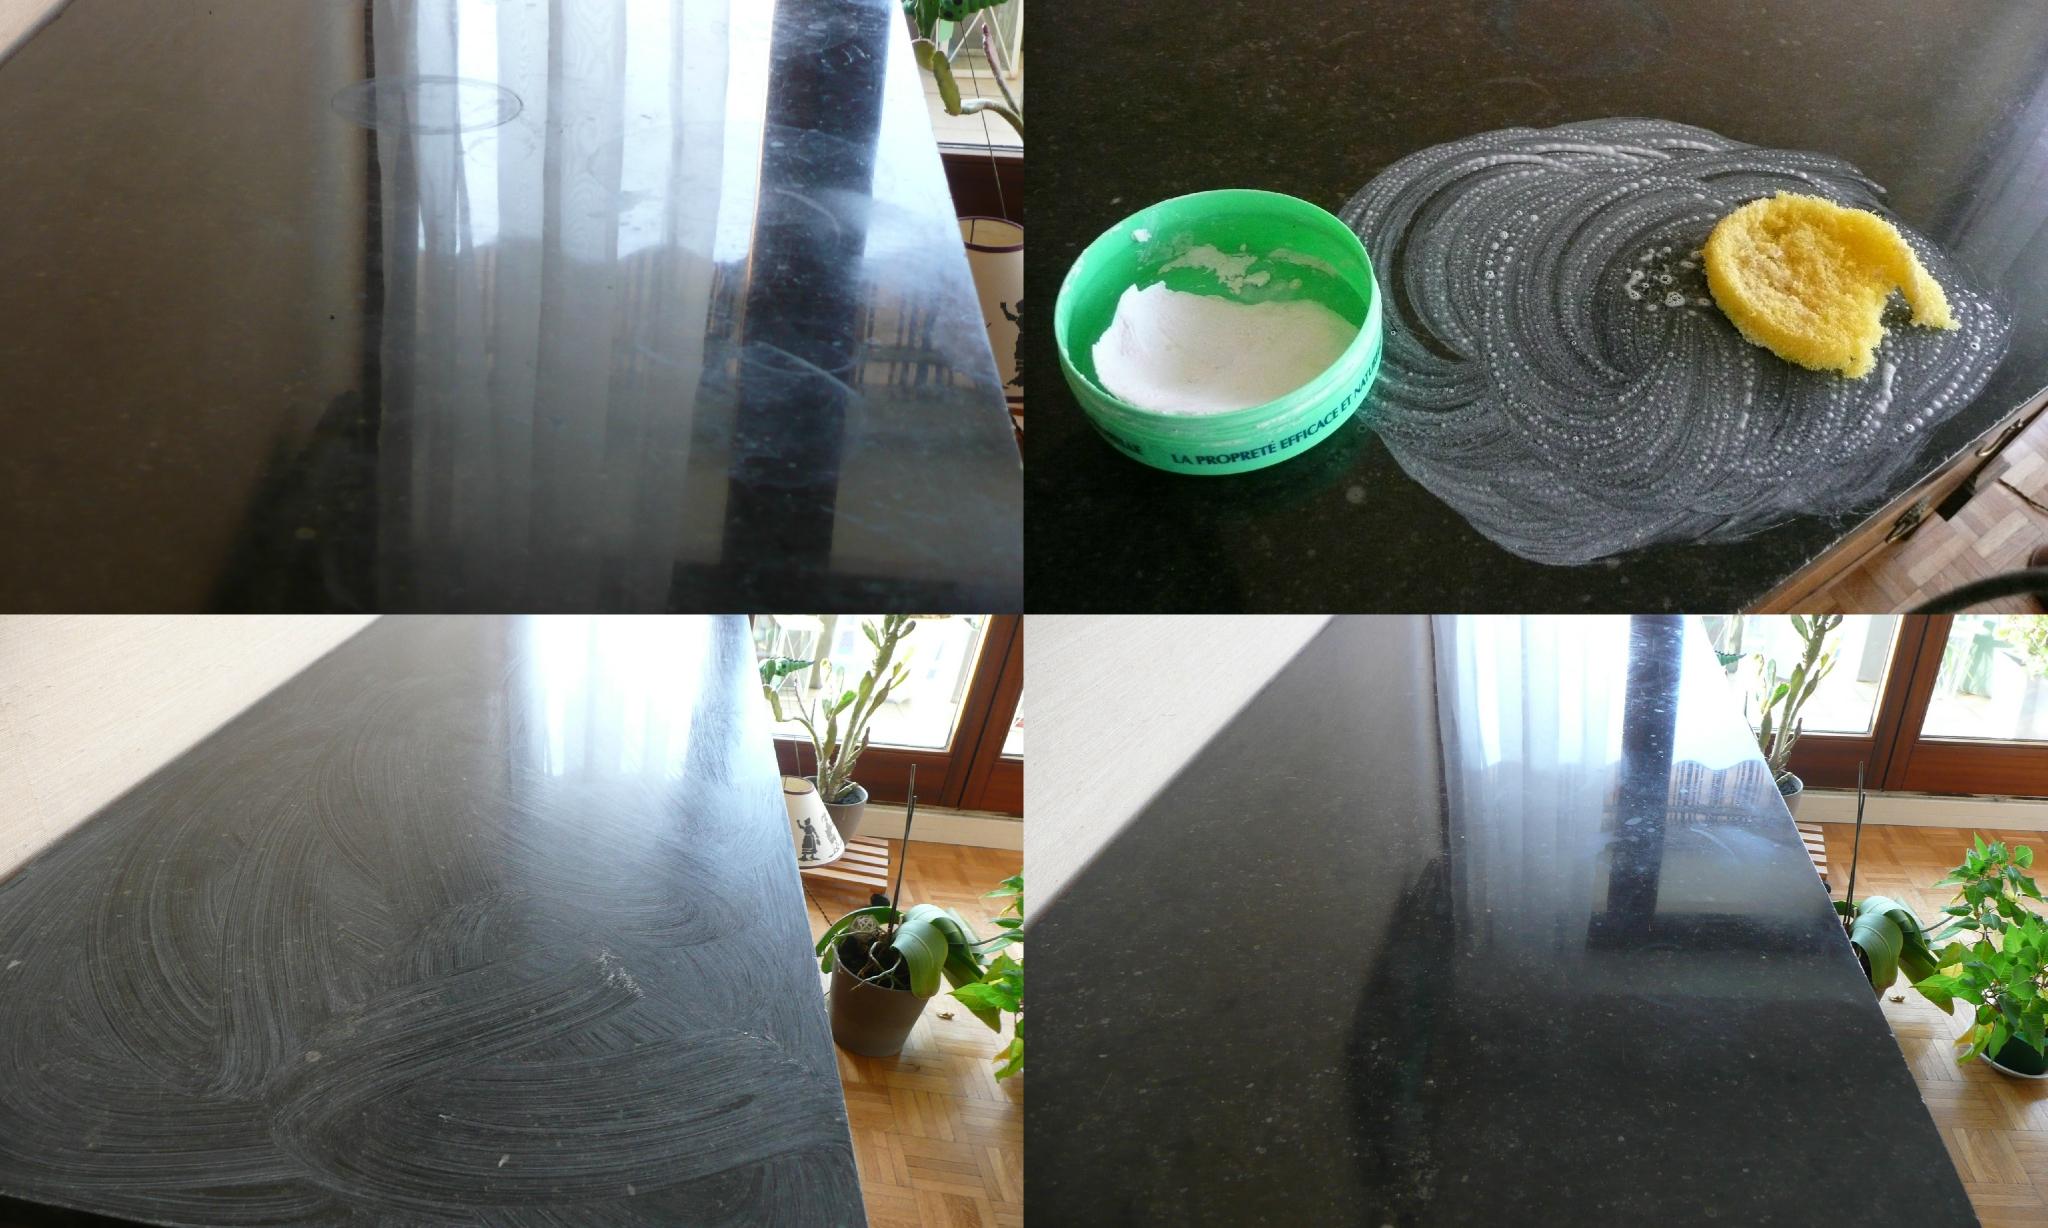 Pierre d'argile pour nettoyer le marbre